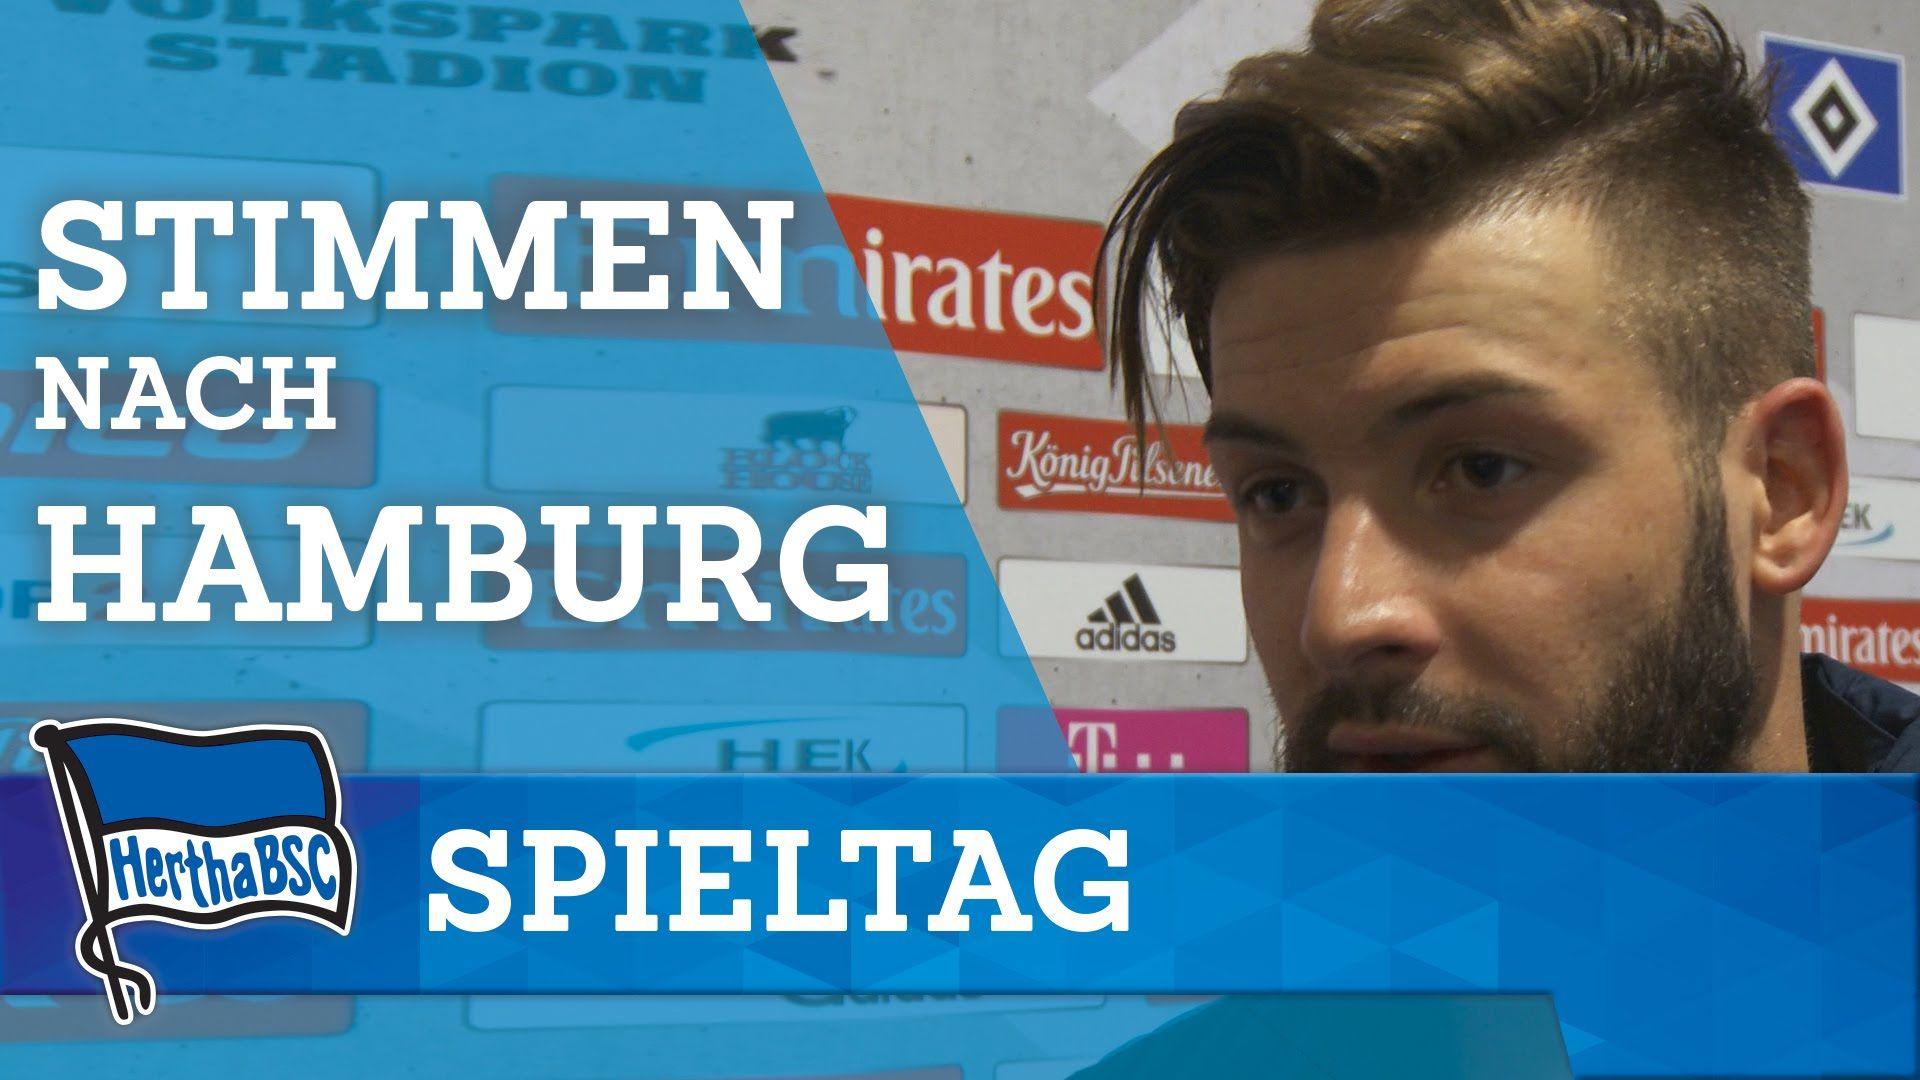 Stimmen nach Hamburg - Plattte - Stark - Hertha BSC - Berlin - 2016 #hahohe